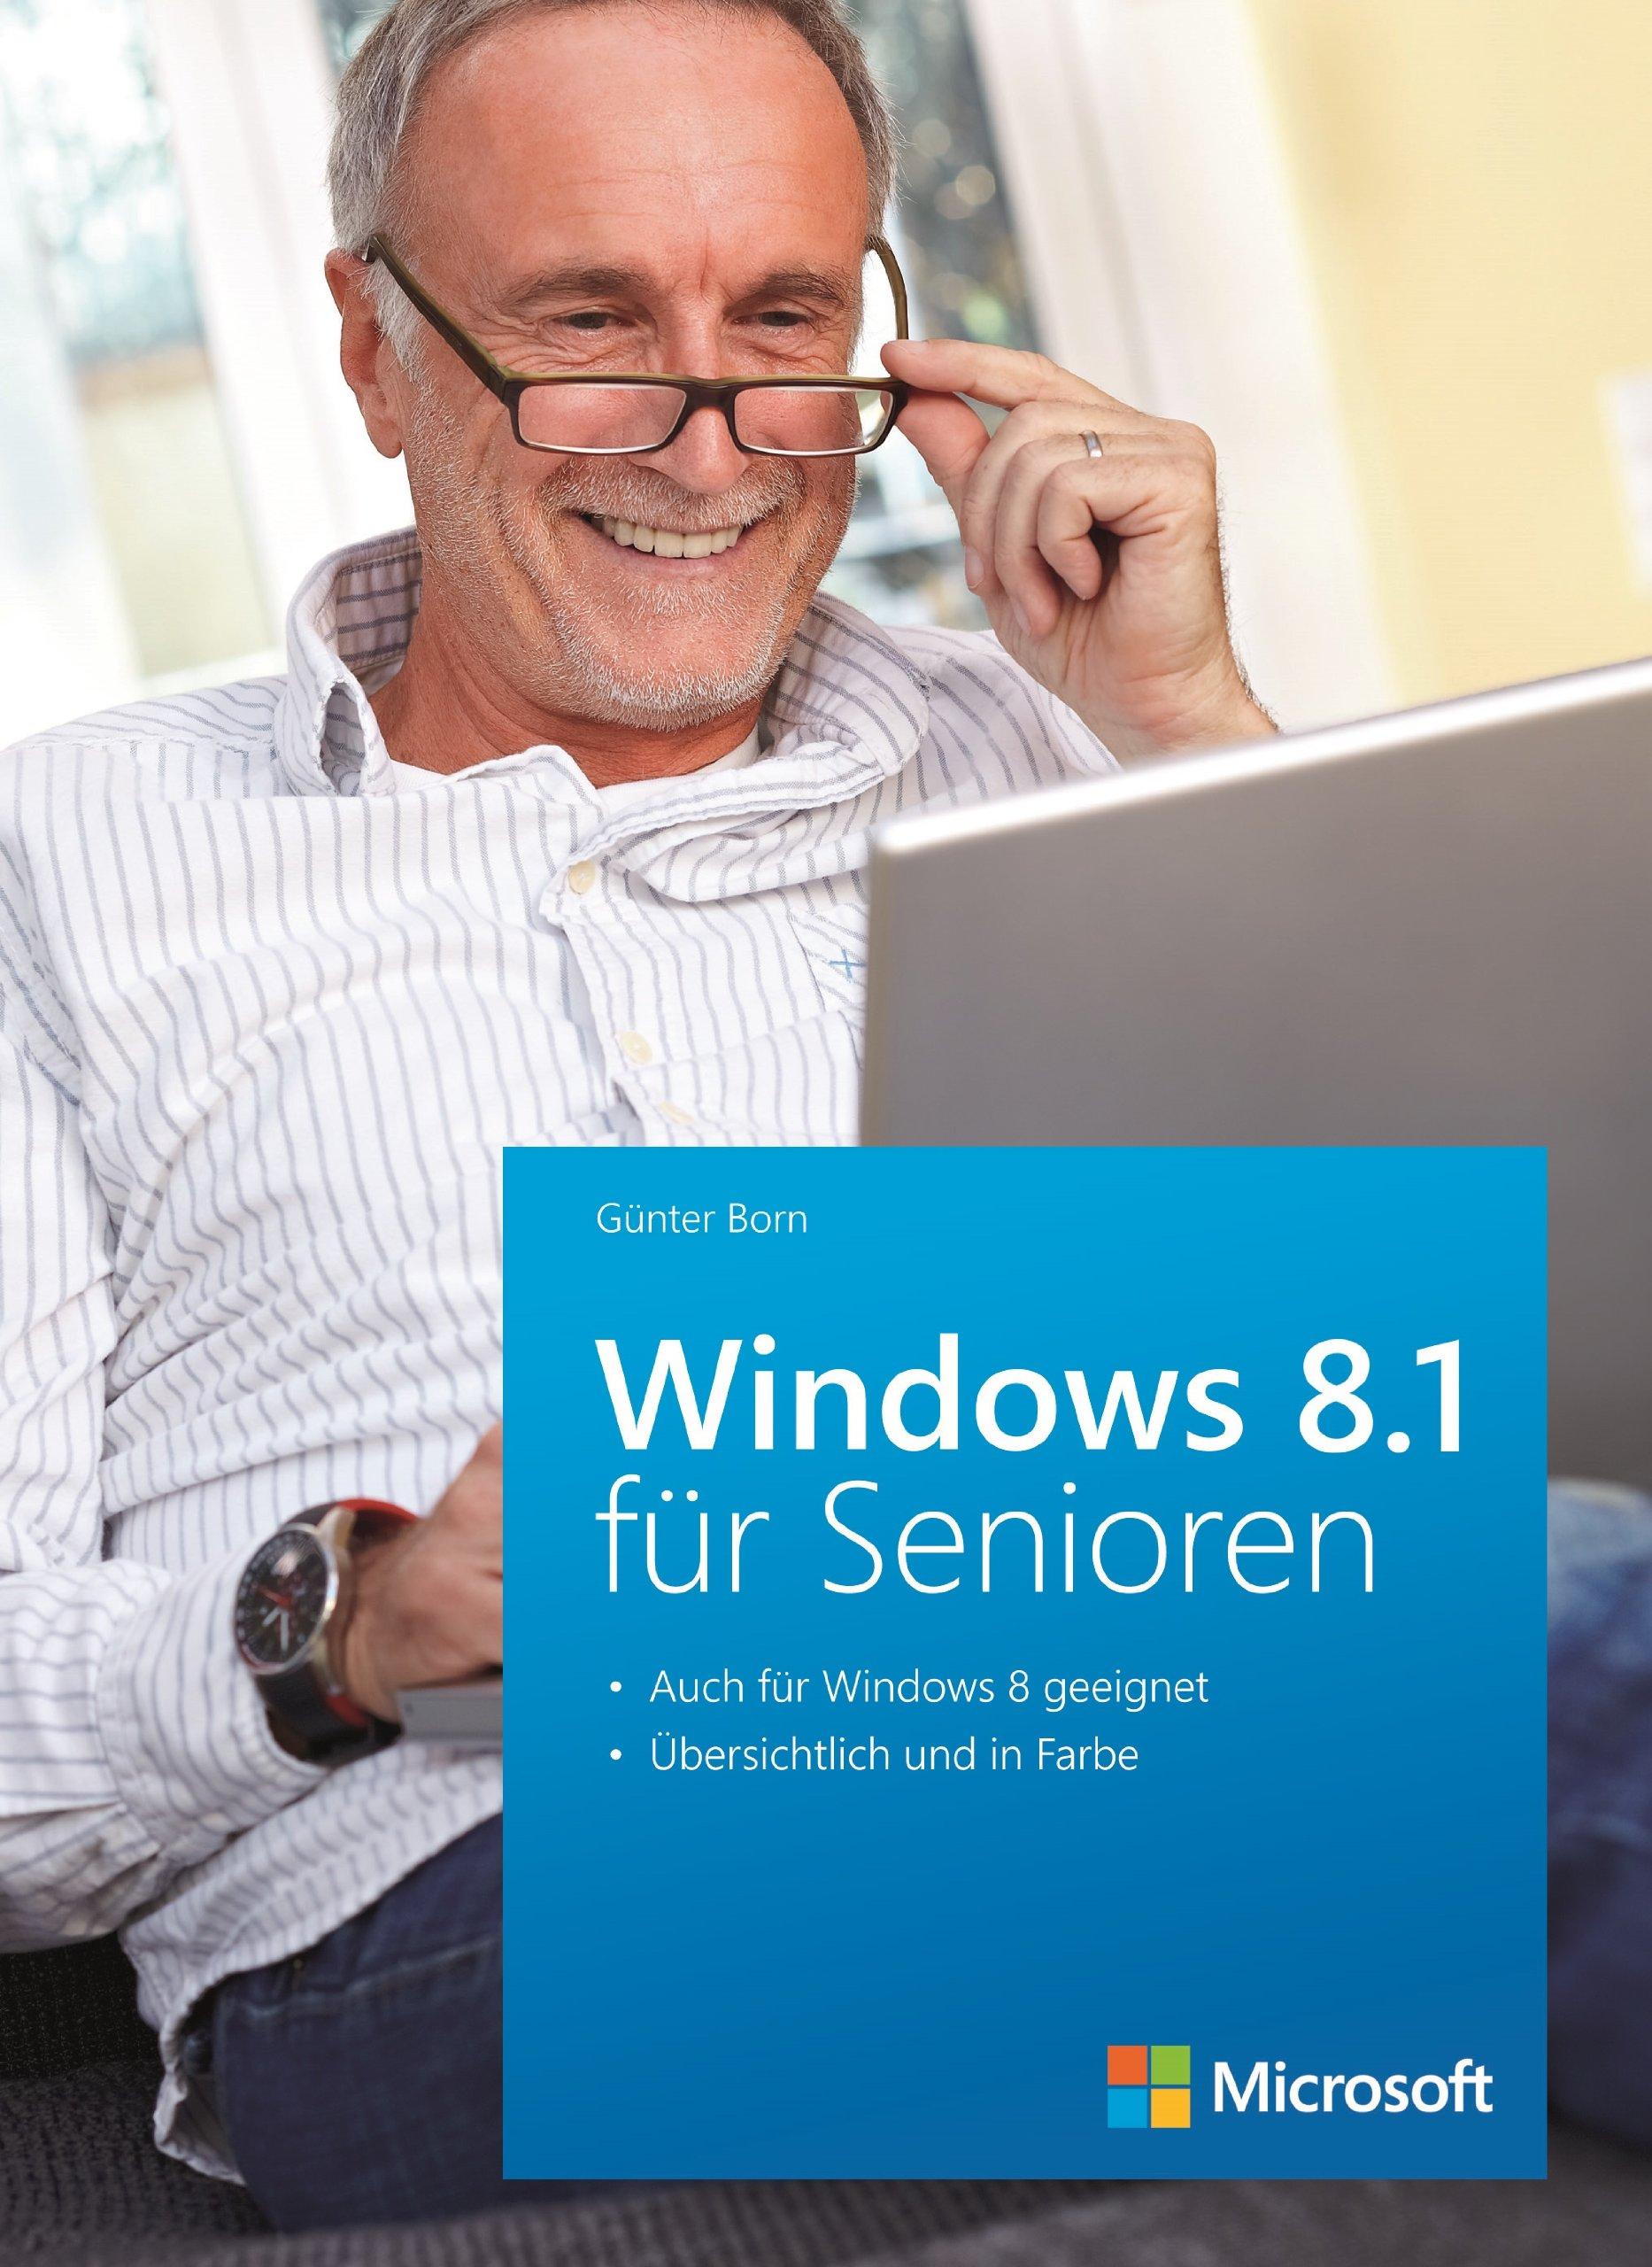 Windows 8.1 für Senioren